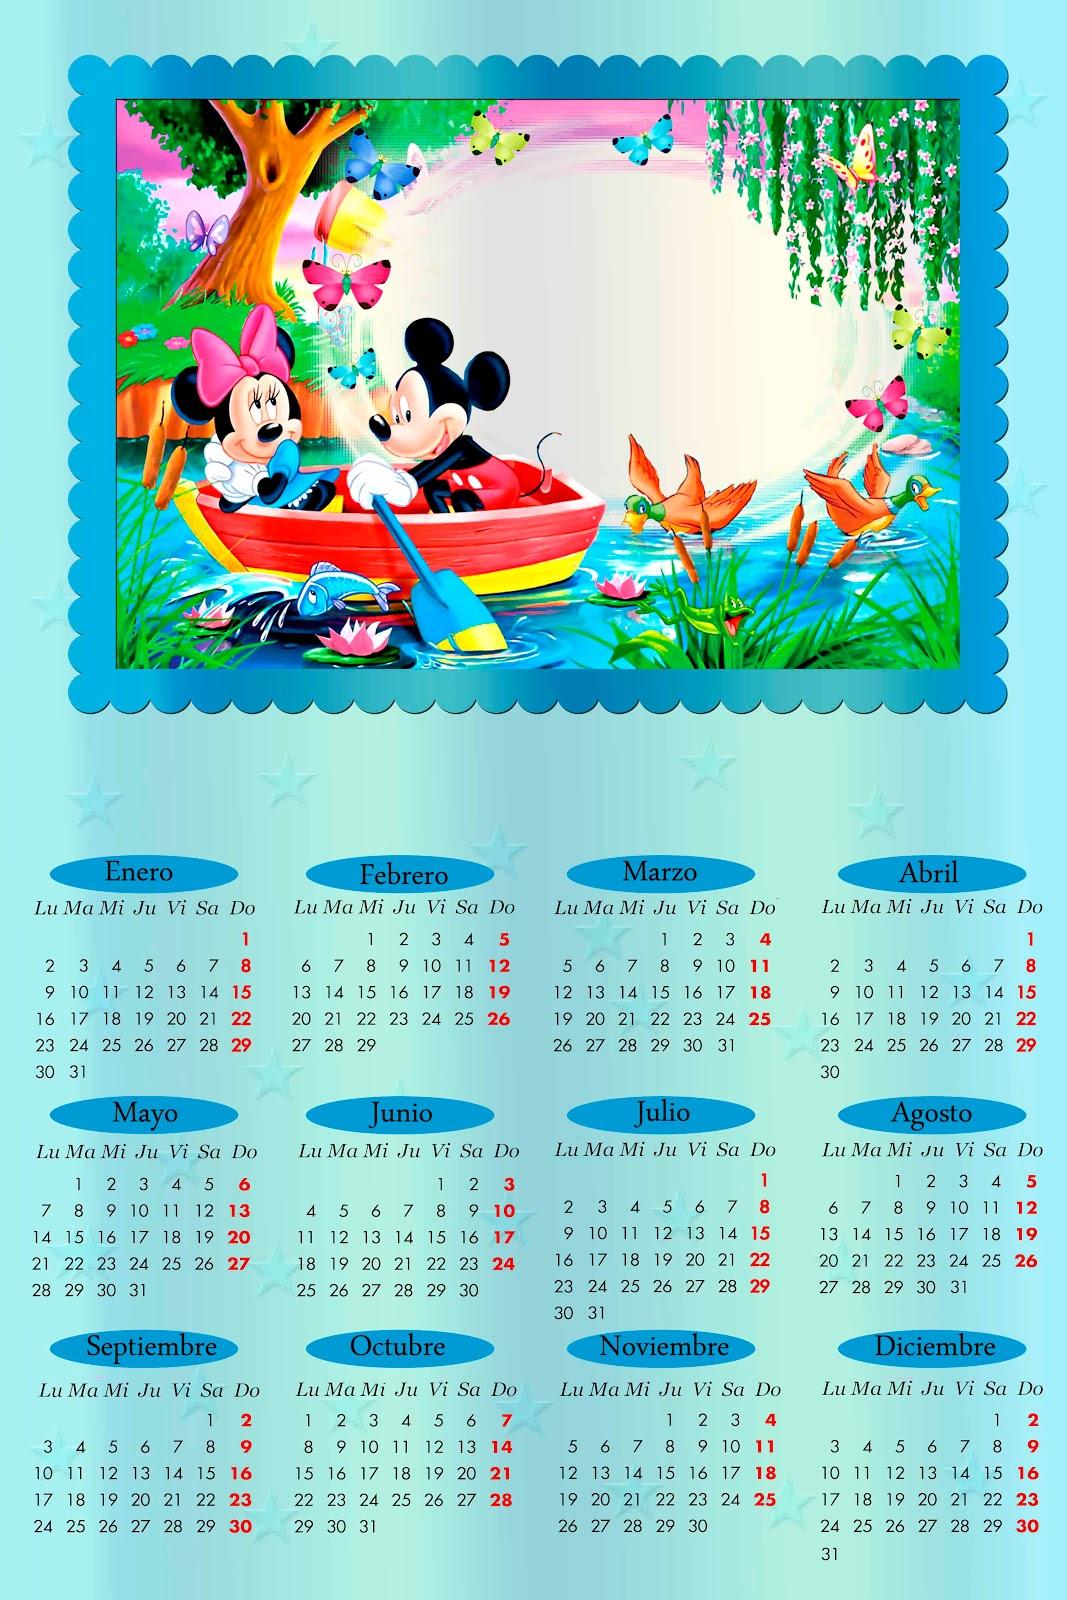 PSD e PNG | Tem calendario do mickey,Minie,winnie the pooh e Branca de ...